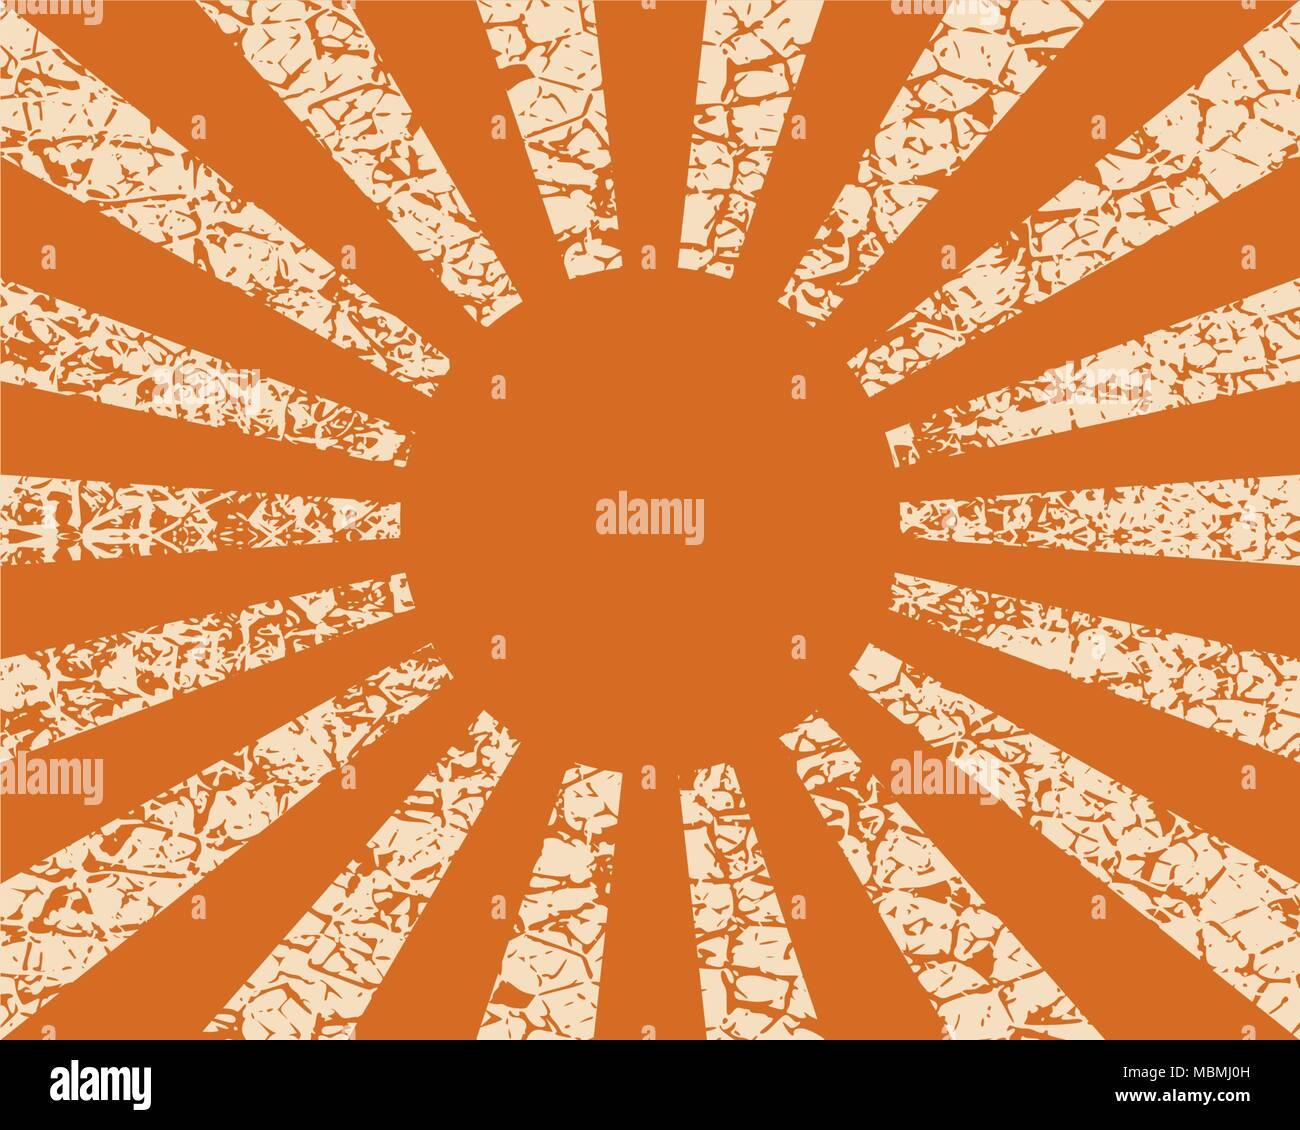 Radiating rays background. - Stock Image